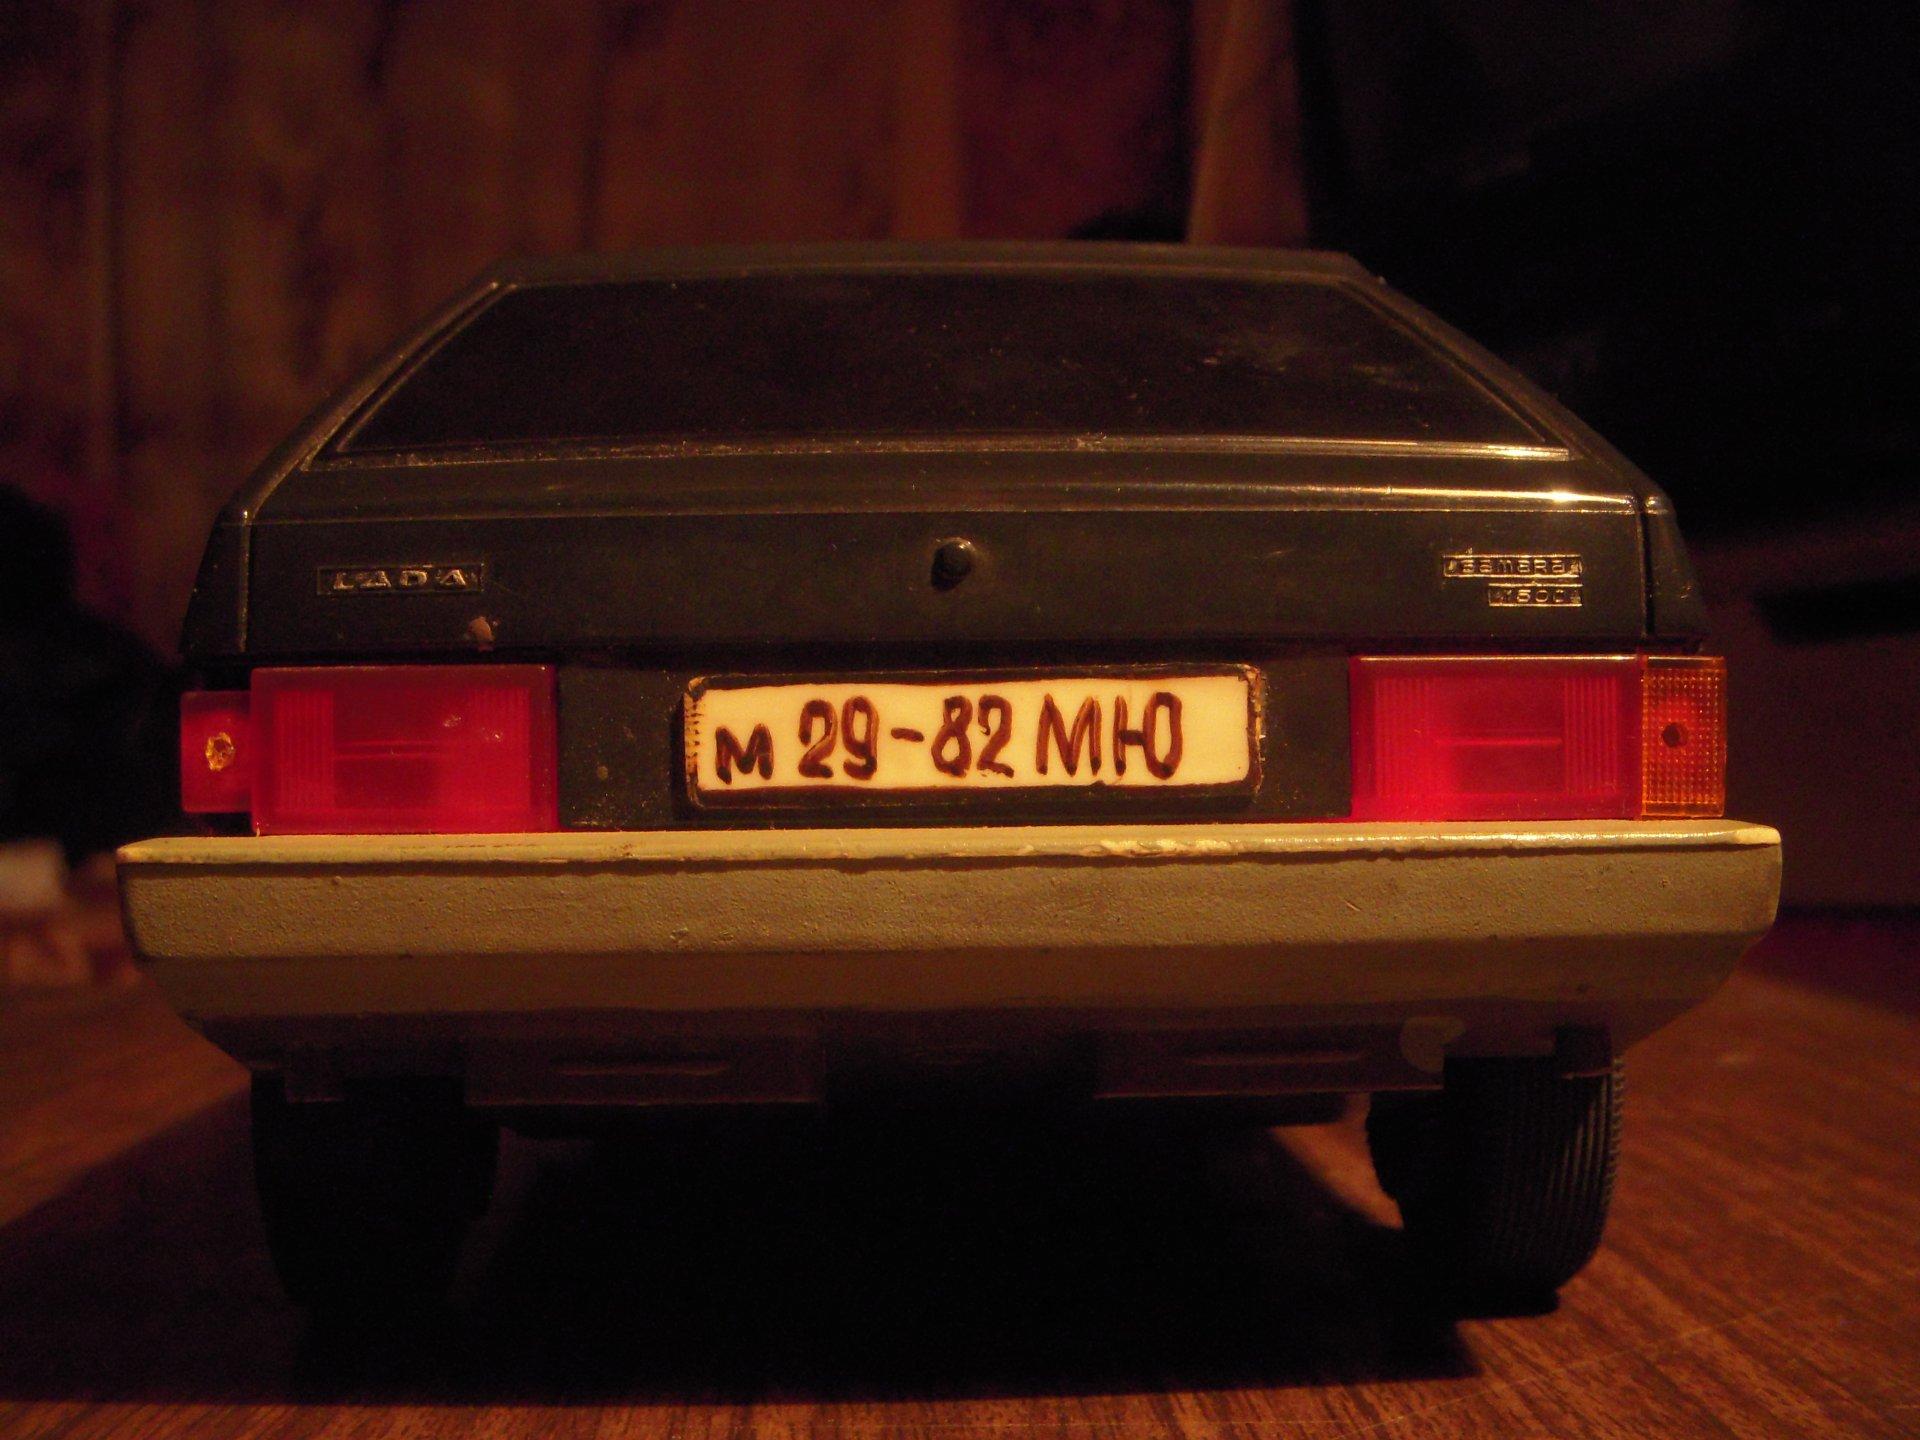 ВАЗ 2109, by CCCP, в масштабе.